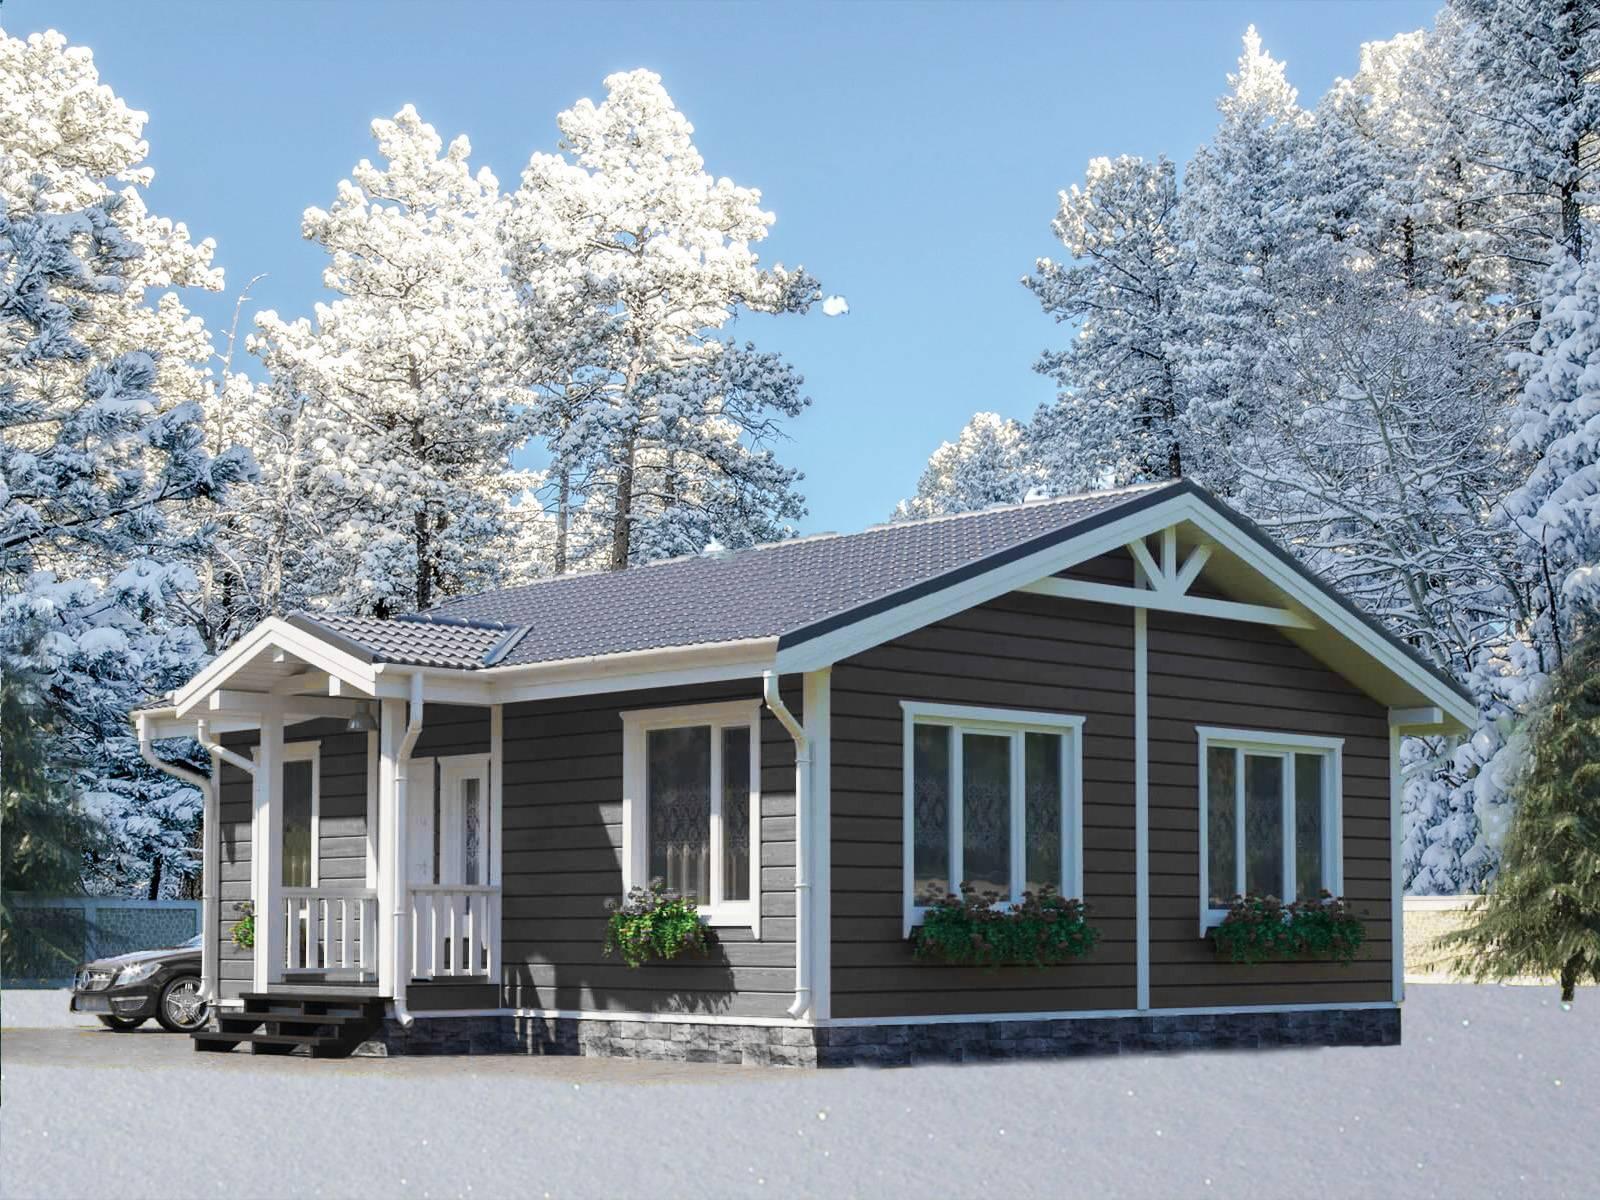 Какие бывают дома с односкатной крышей: фото проектов + достоинства и недостатки таких крыш